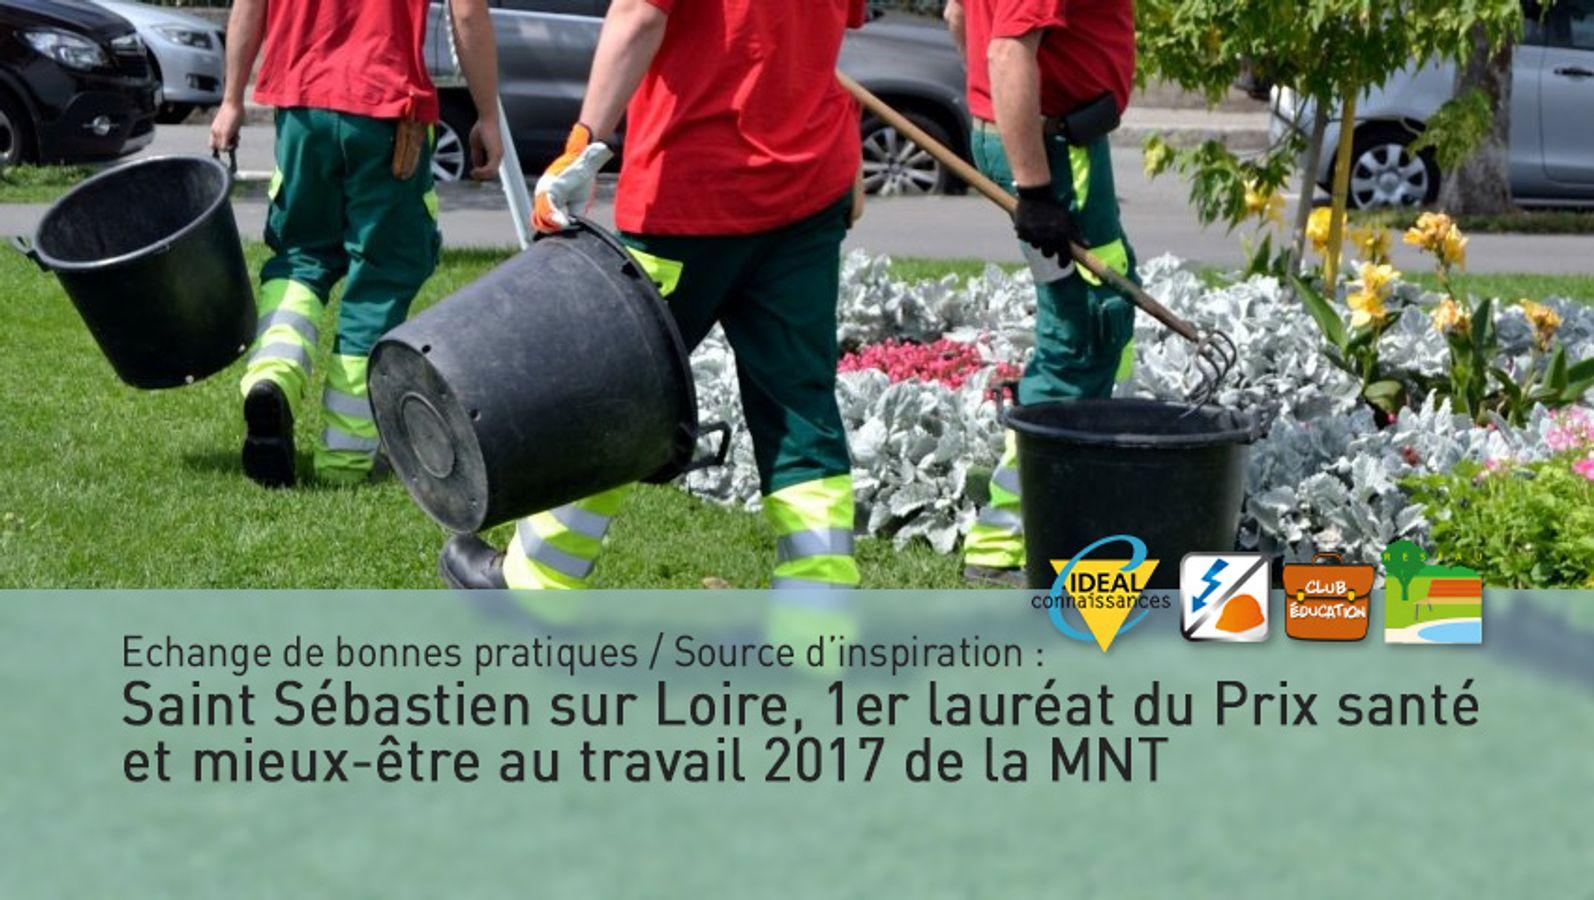 Pour lutter contre les TMS des agents des espaces publics et de la restauration scolaire, la mairie de St Sébastien sur Loire présente sa politique de prévention innovante et vraiment différente